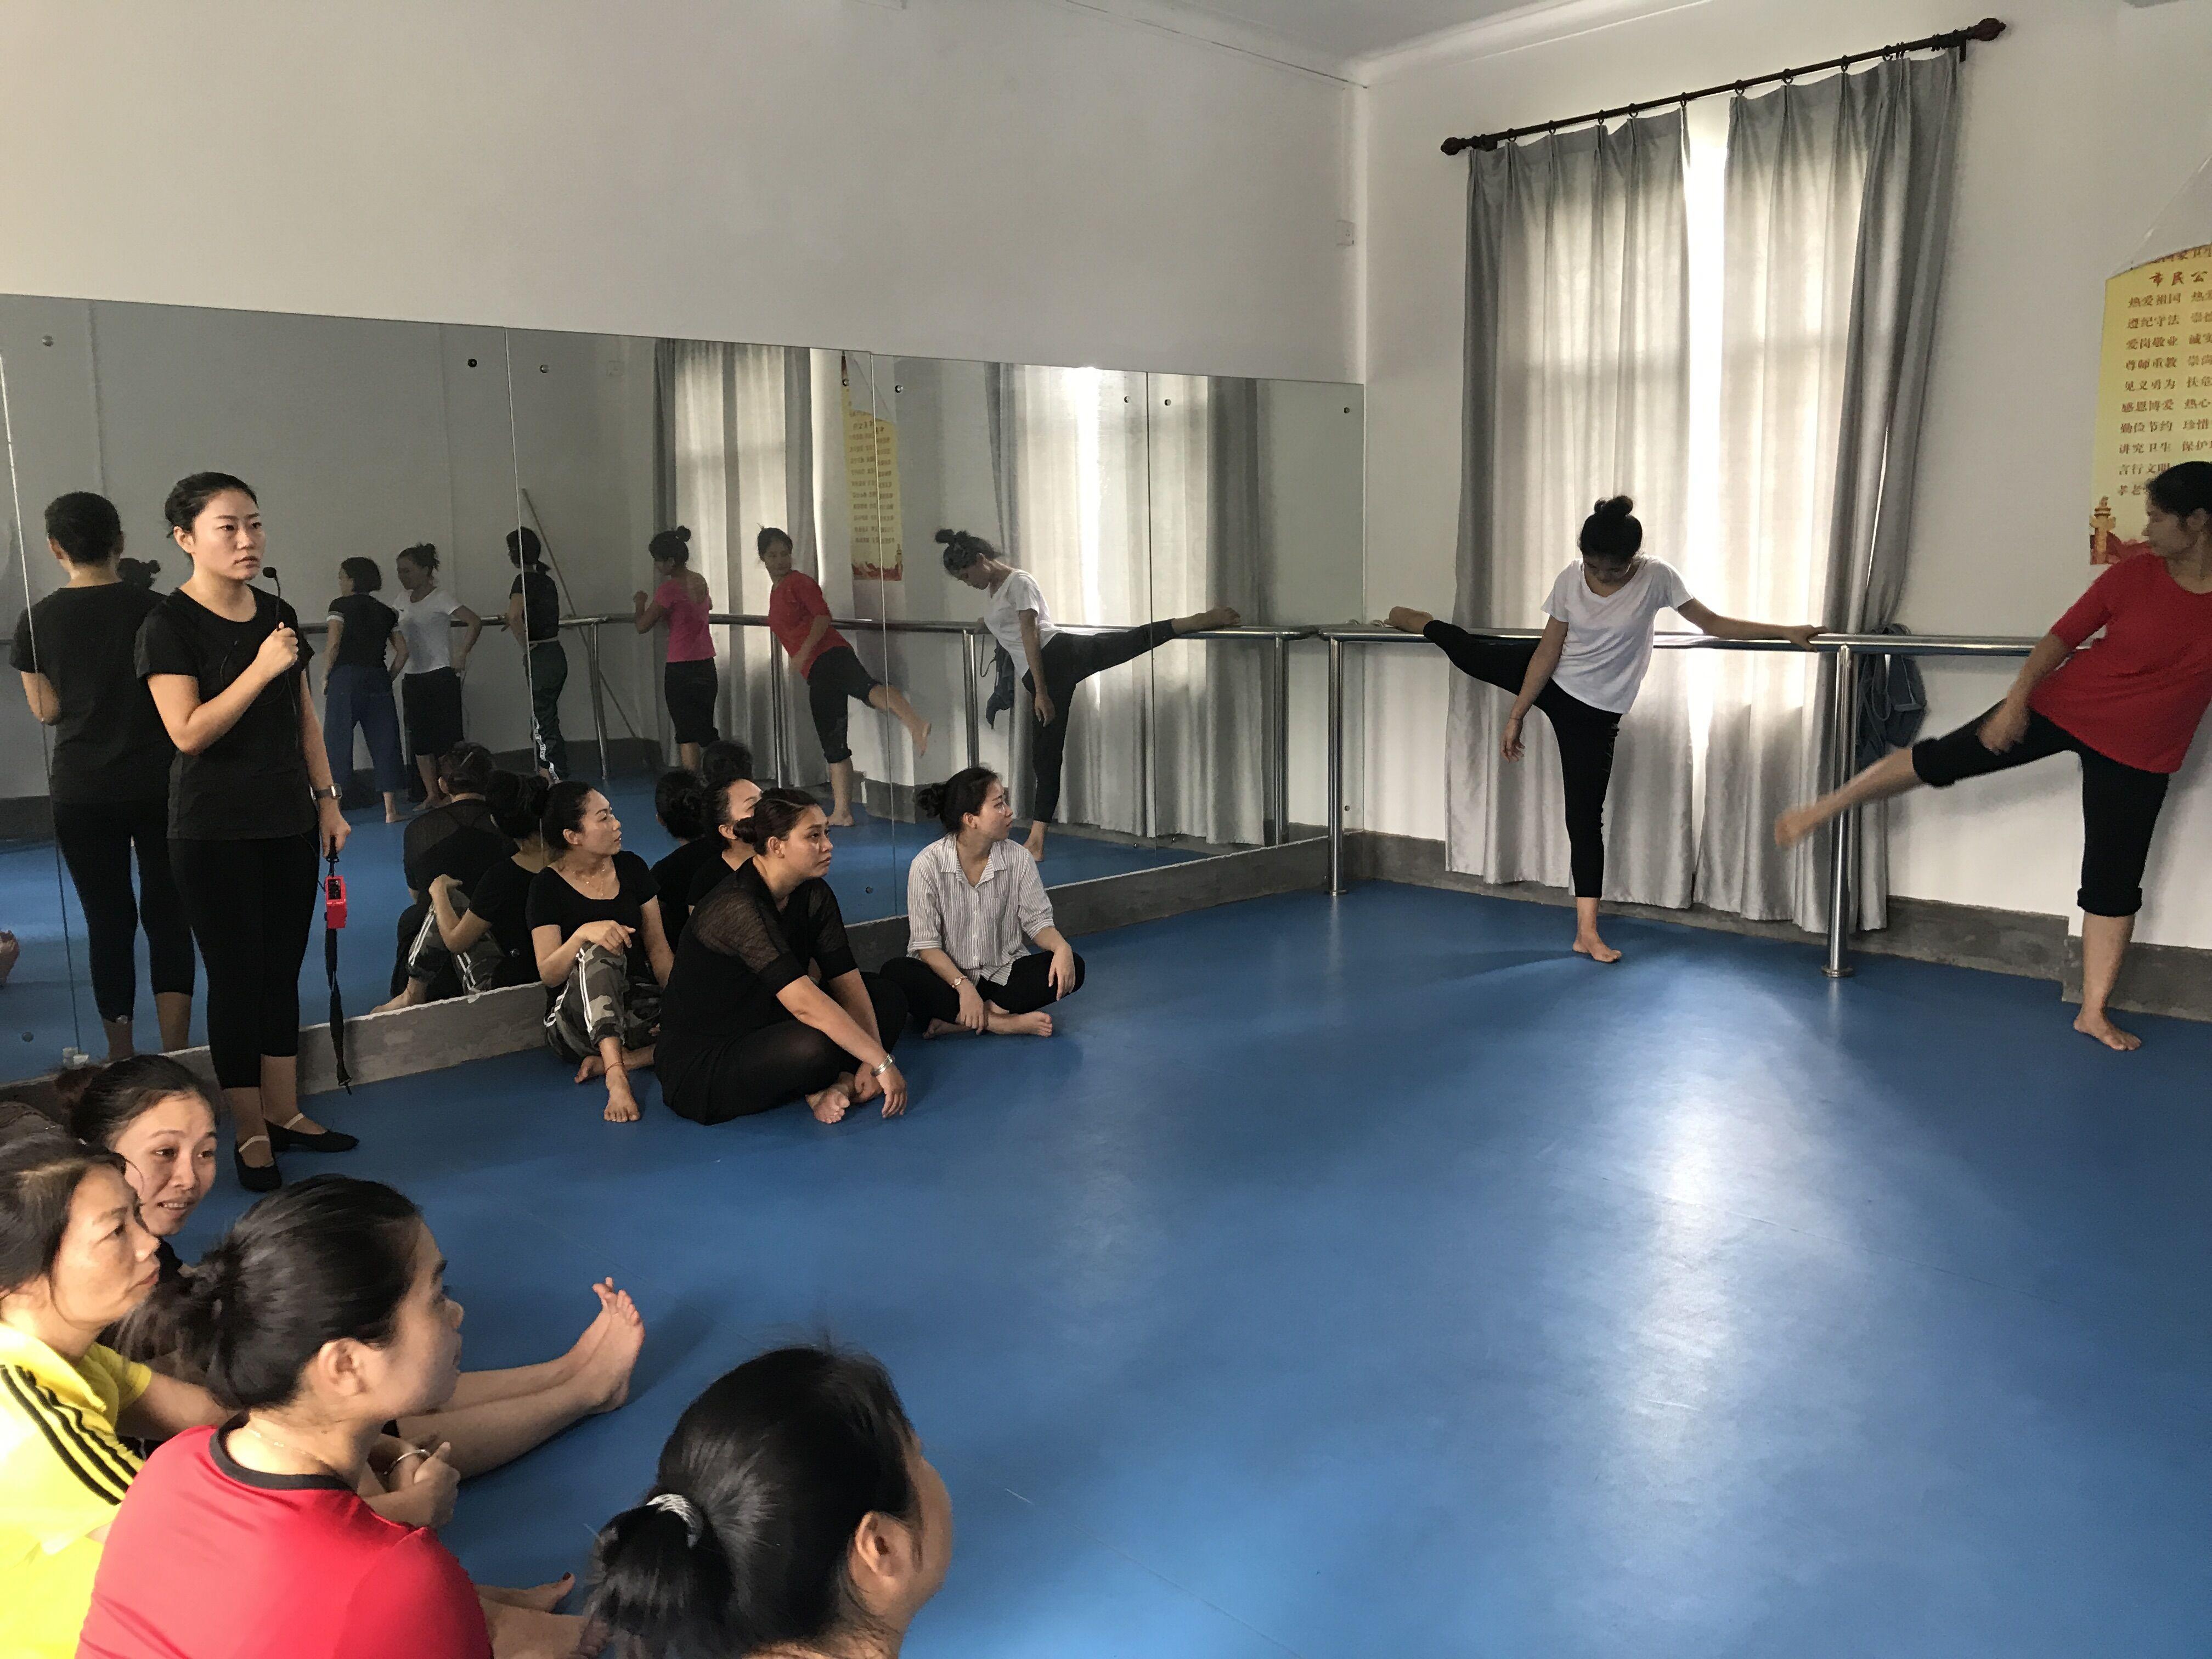 琼中、儋州两地幼儿园教师来我校参加技能培训